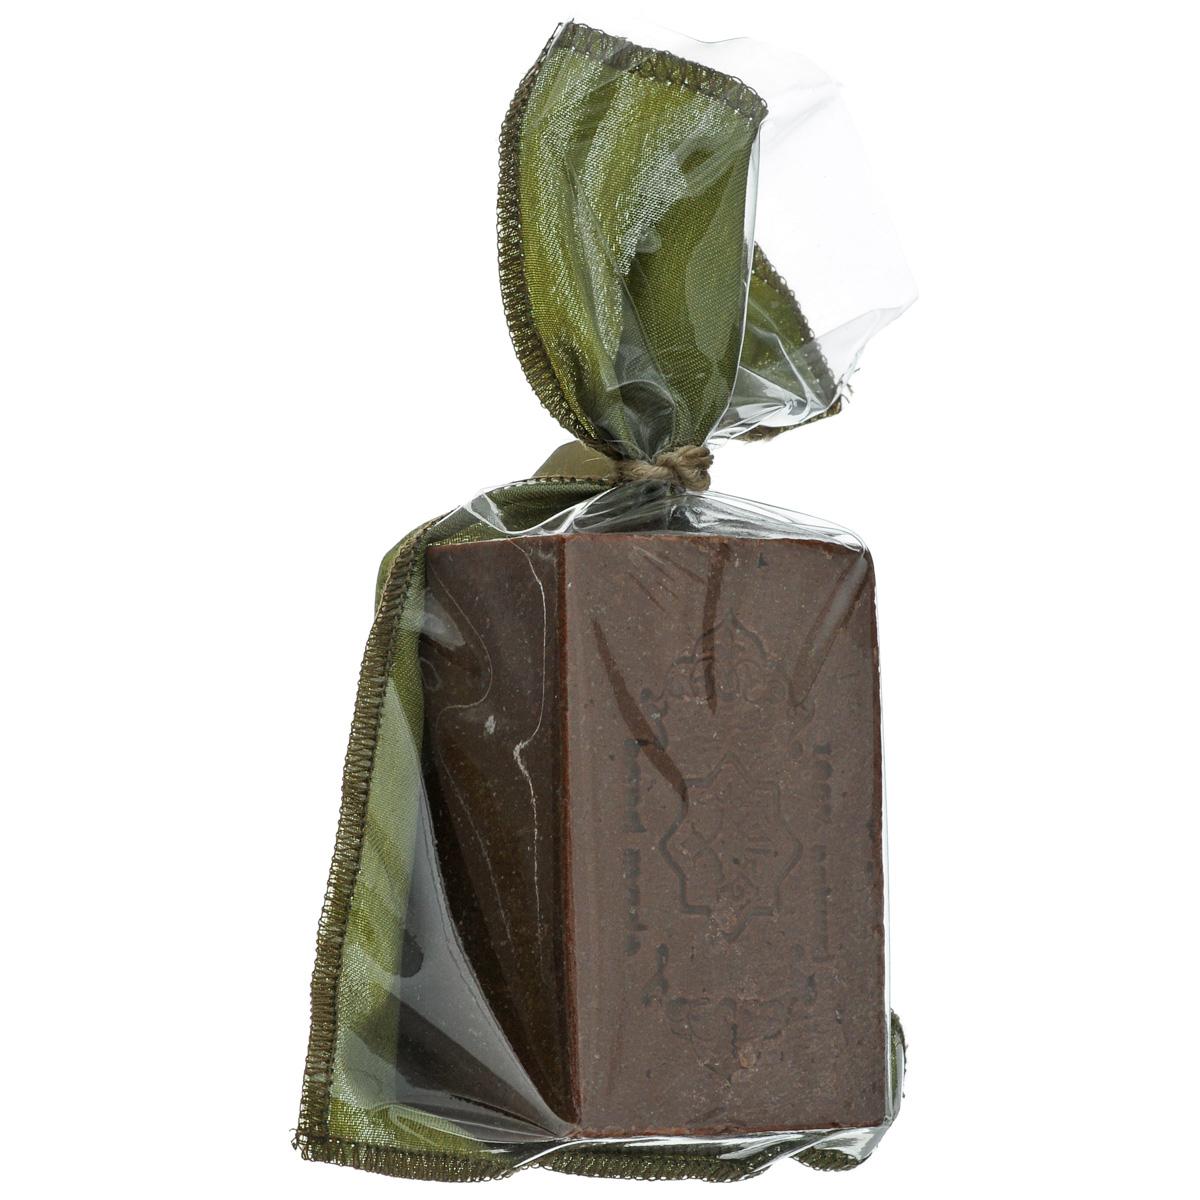 Зейтун Мыло Премиум №13 с глиной, для жирной и проблемной кожи, 250 гZ1011/Z1013Эксклюзивное натуральное мыло Зейтун глина, содержащее в своём составе 75% уникальной глины Байлун, в которой присутствуют в разном количестве почти все элементы таблицы Менделеева. Глина известна с древнейших времен и использовалась людьми для гигиены и очищения своего тела задолго до появления мыла Глина Байлун обеспечивает мягкий микромассаж тканей организма, способствует омолаживанию клеток кожи, обладает прекрасными очищающими и противовоспалительными свойствами. Благодаря тому, что глина идеально впитывается в кожу, насыщая организм целым комплексом минералов, натуральное мыло Зейтун глина способствует активизации иммунных реакций организма, оказывает тонизирующее действие, повышают сопротивляемость заболеваниям.